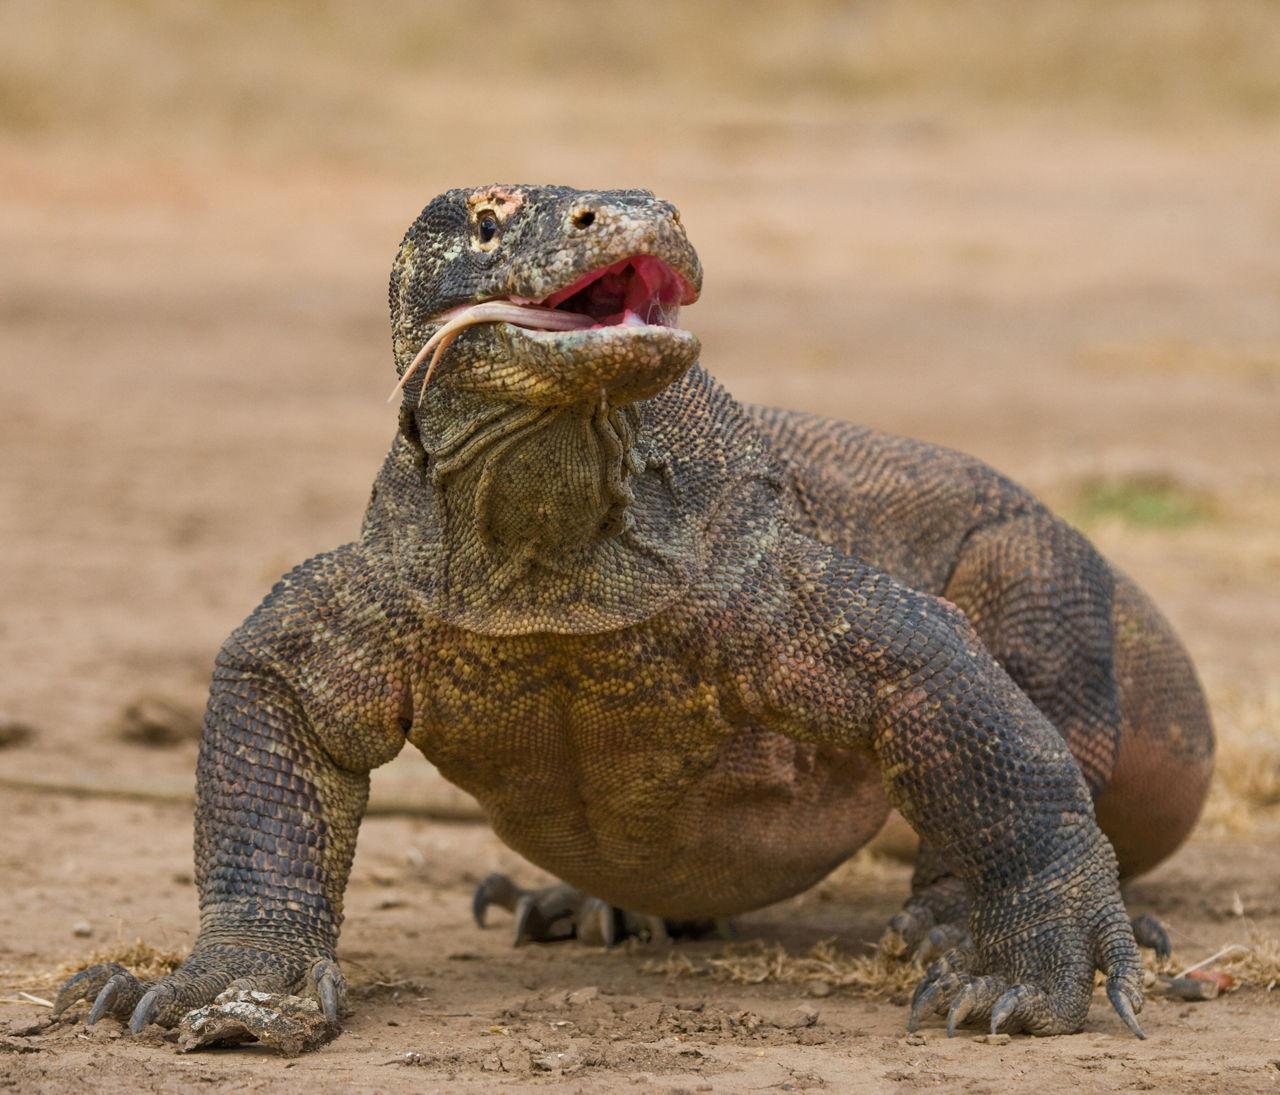 Komodo Dragon: Facts About The Komodo Dragon That Kids Would Enjoy